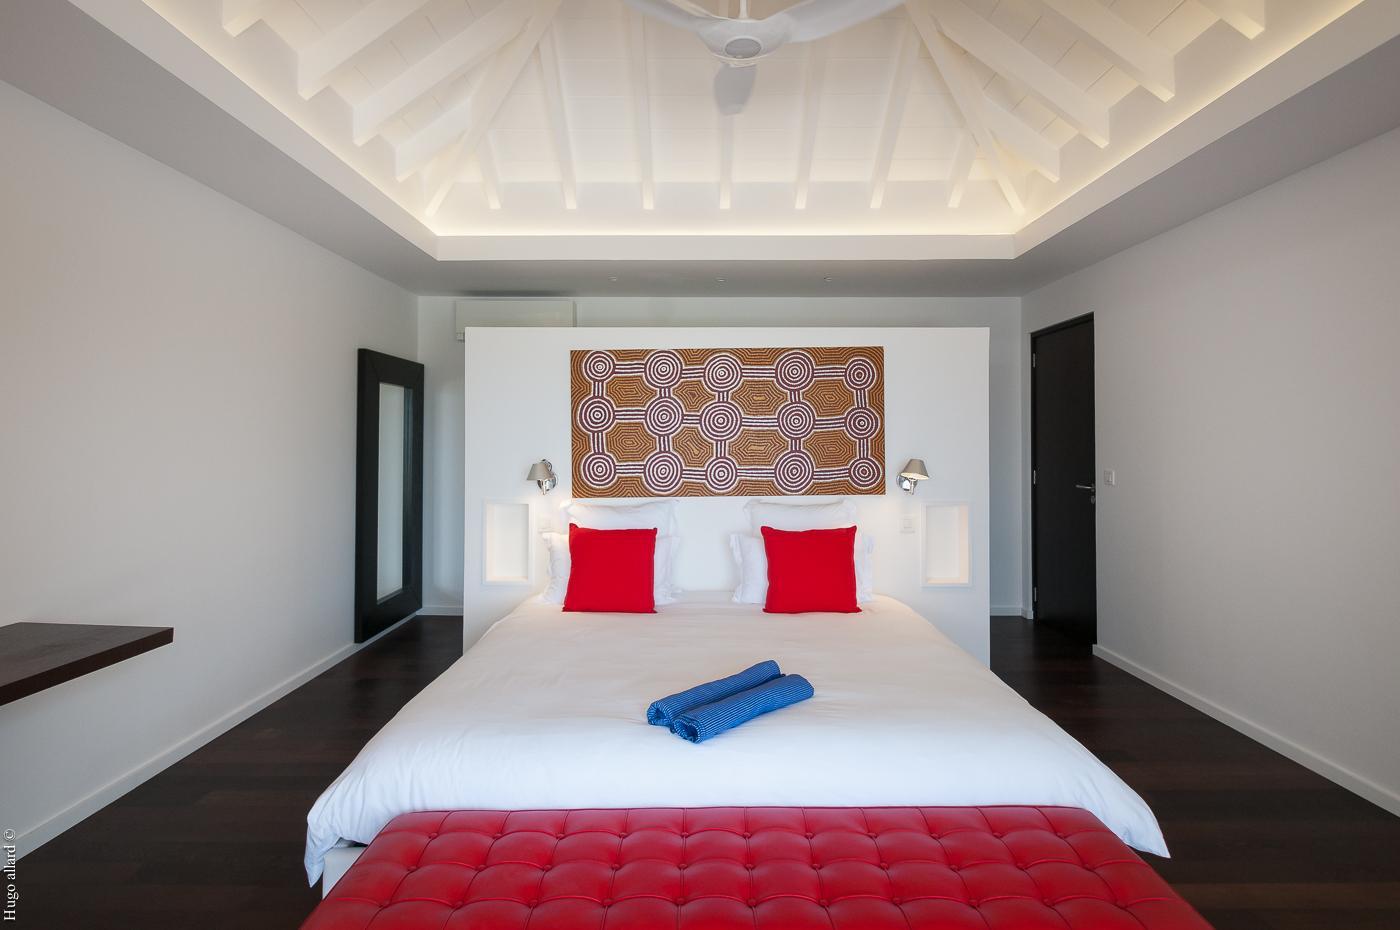 Villa Cairn - Hillside Villa For Rent St Barth Petit Cul de Sac with Spacious Living Areas - Bedroom